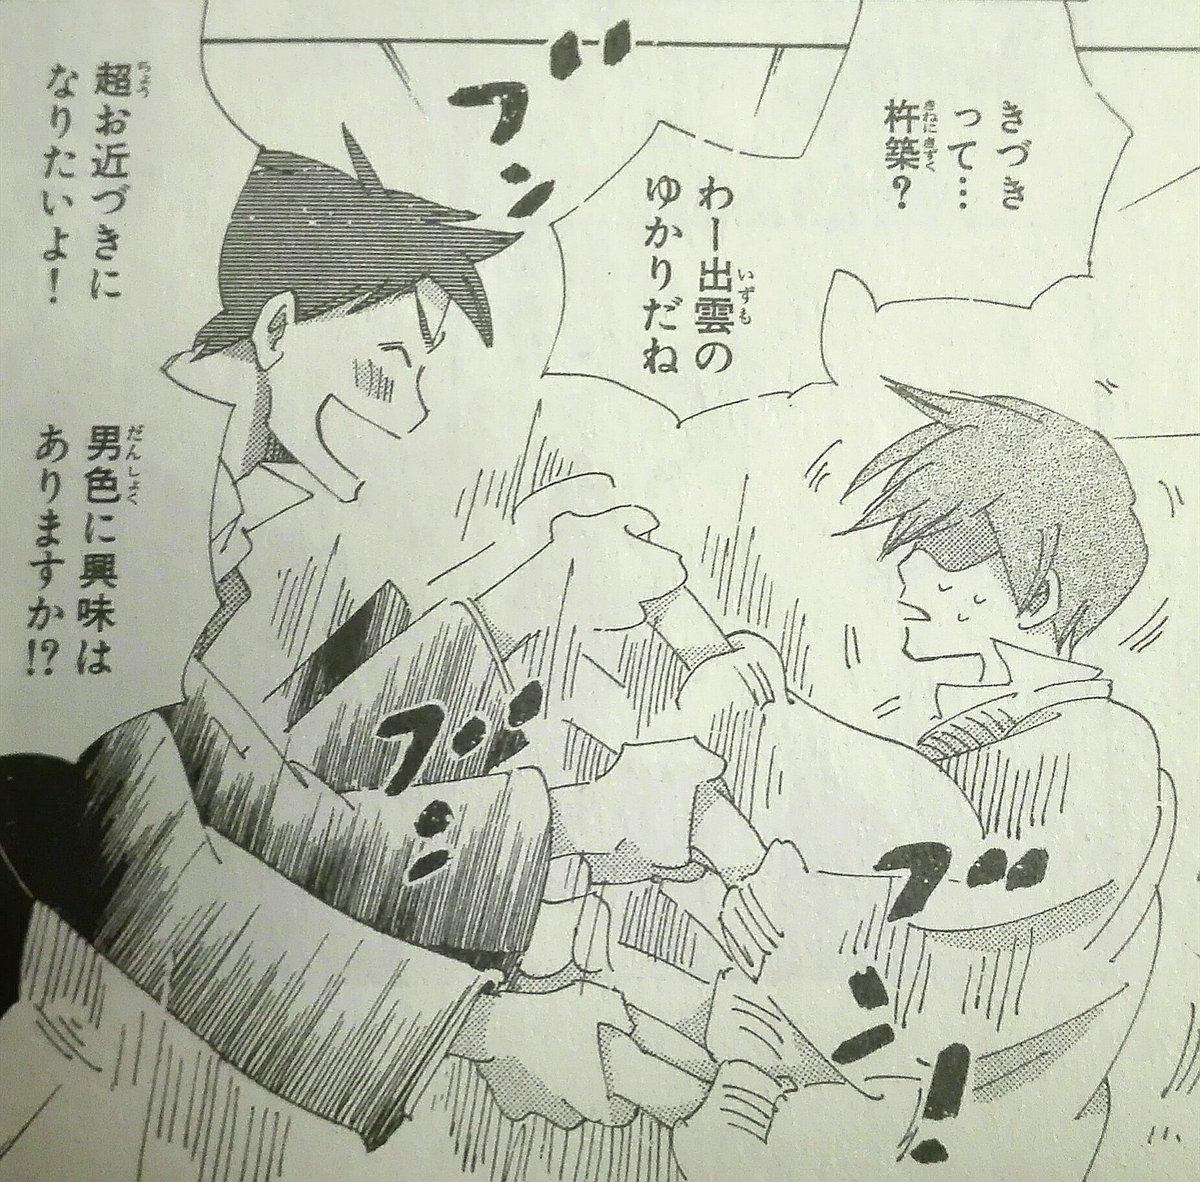 藤たまき hashtag on Twitter